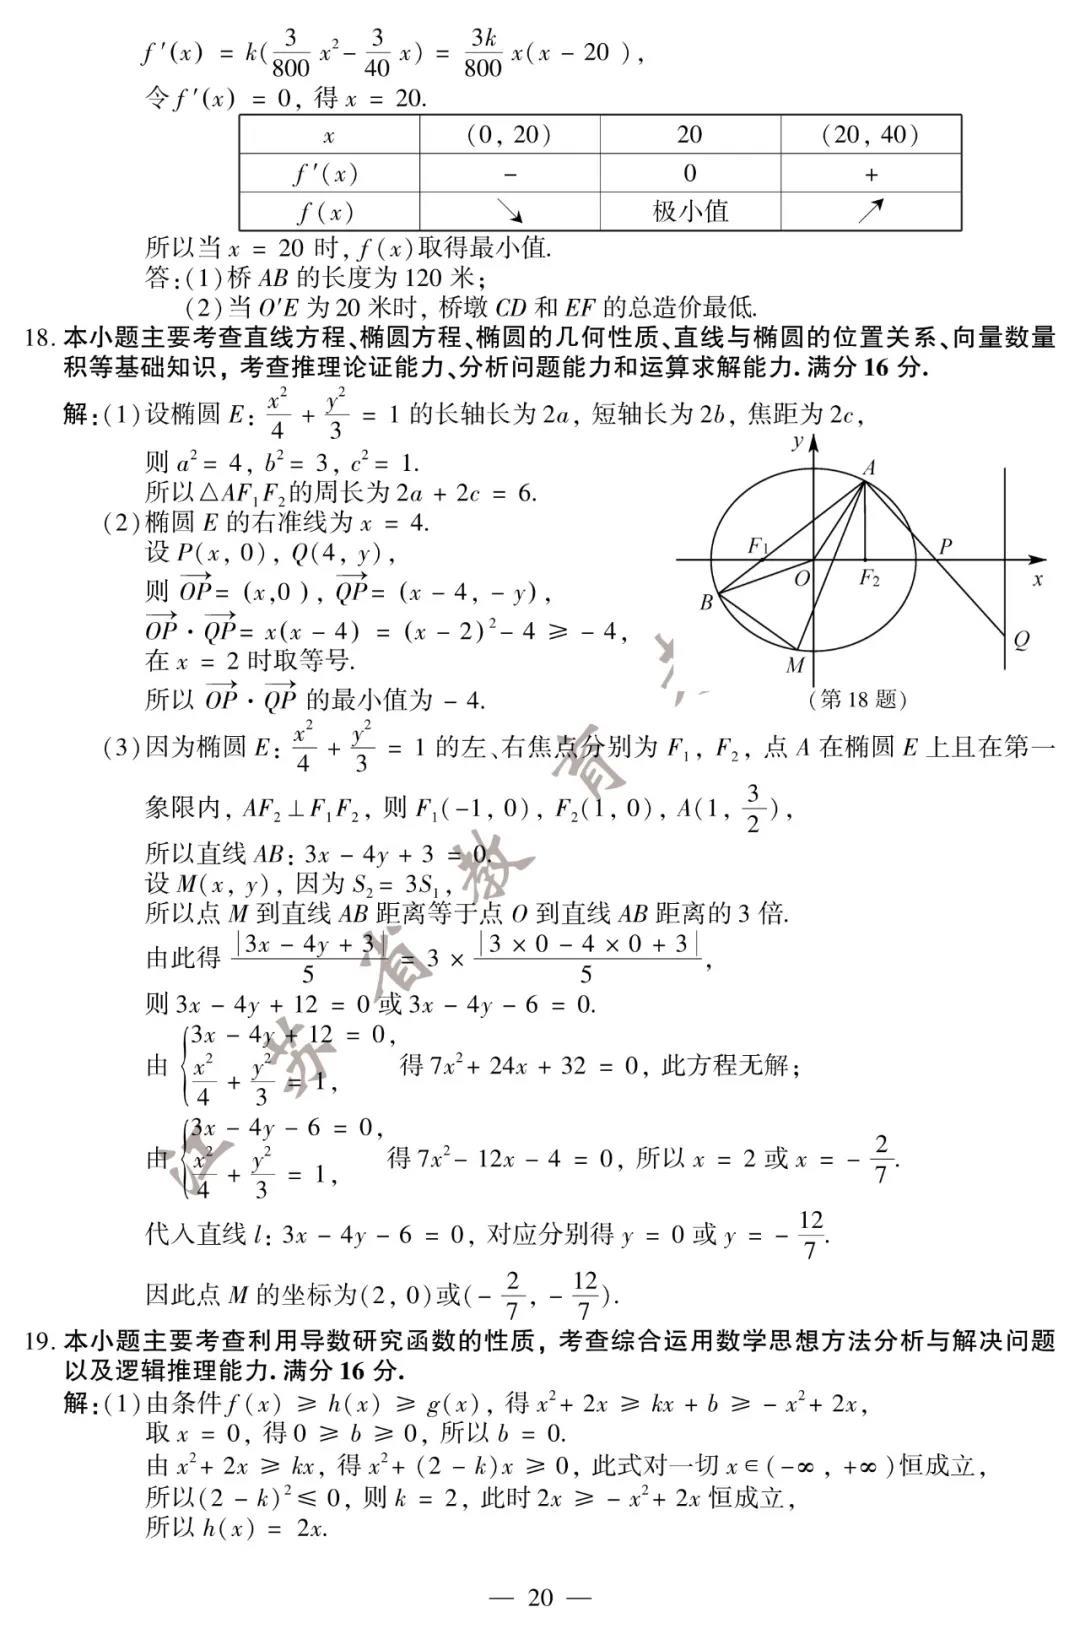 2012高考语文江苏卷_2020年江苏高考数学试题答案(图片版)(3)_高考网